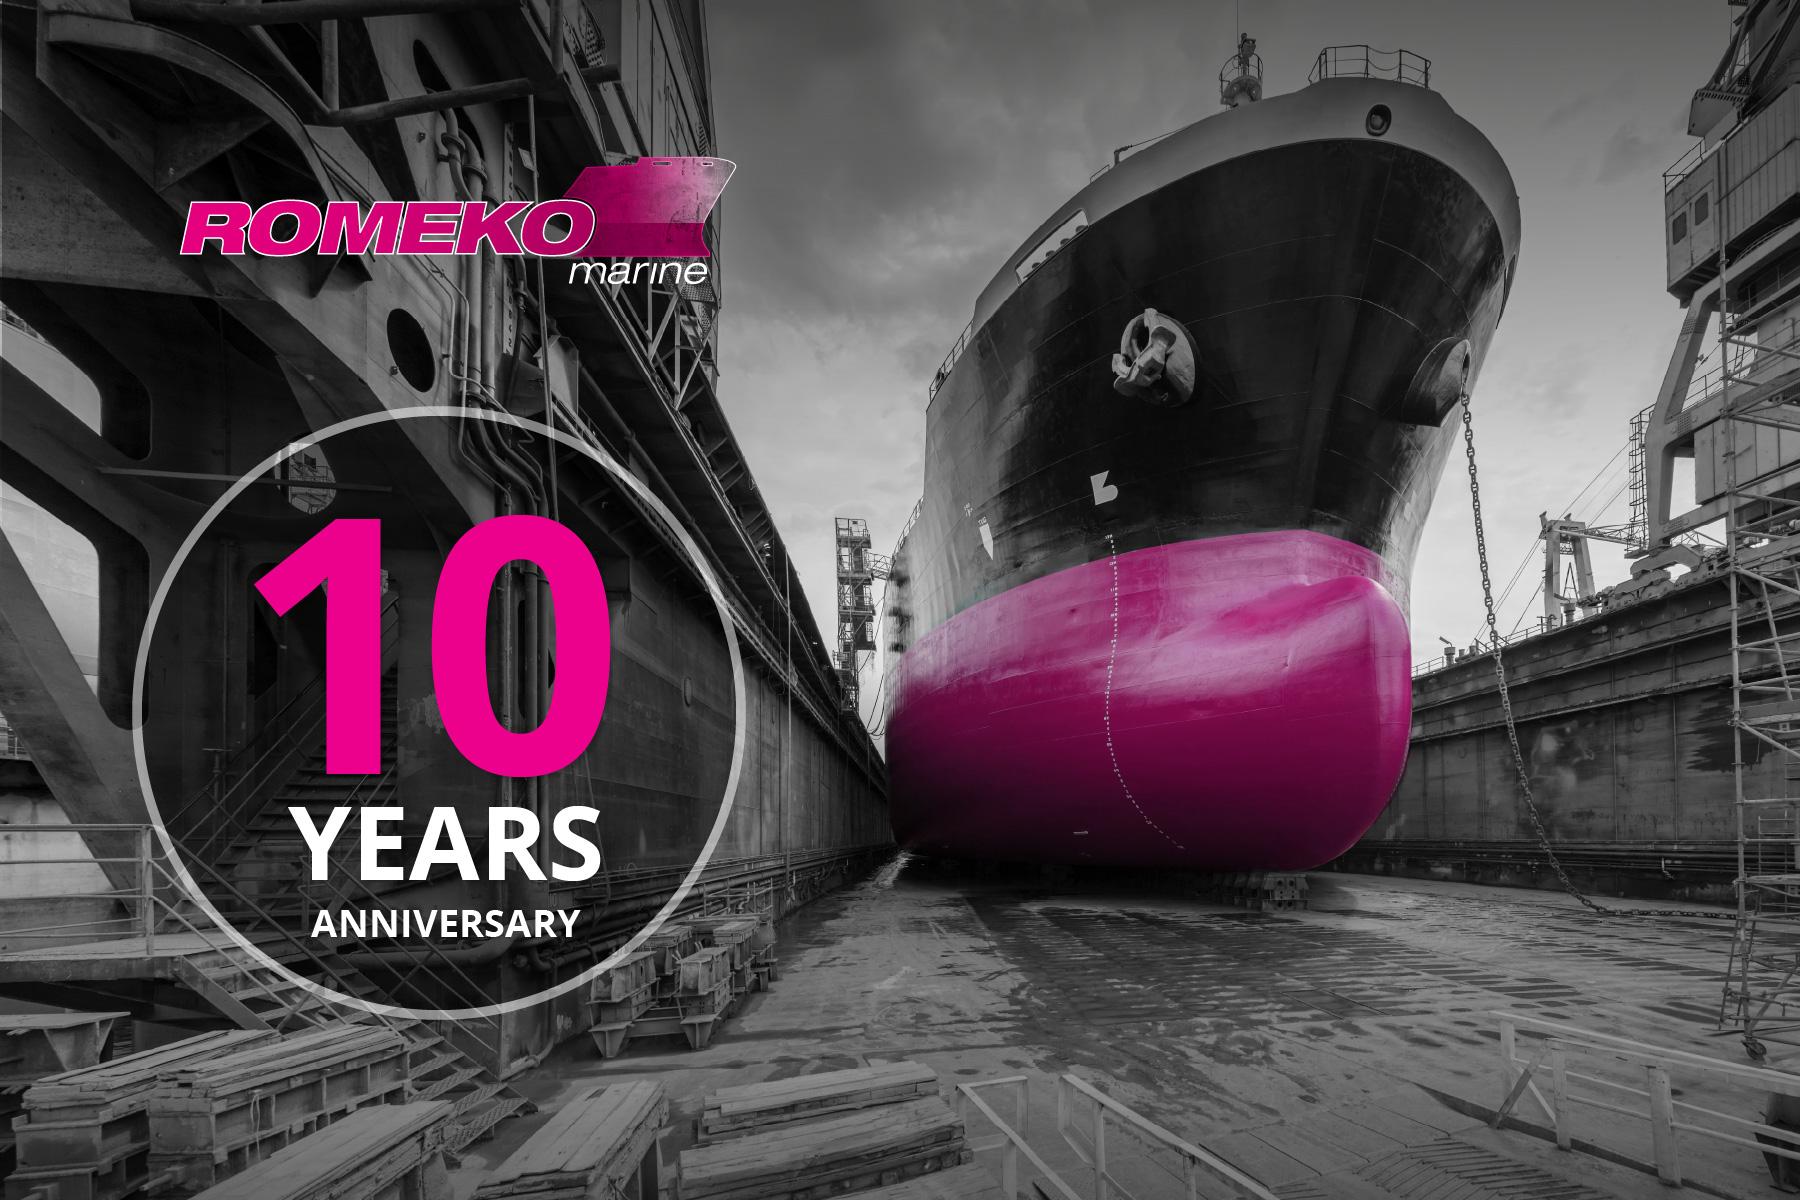 10th anniversary of ROMEKO!